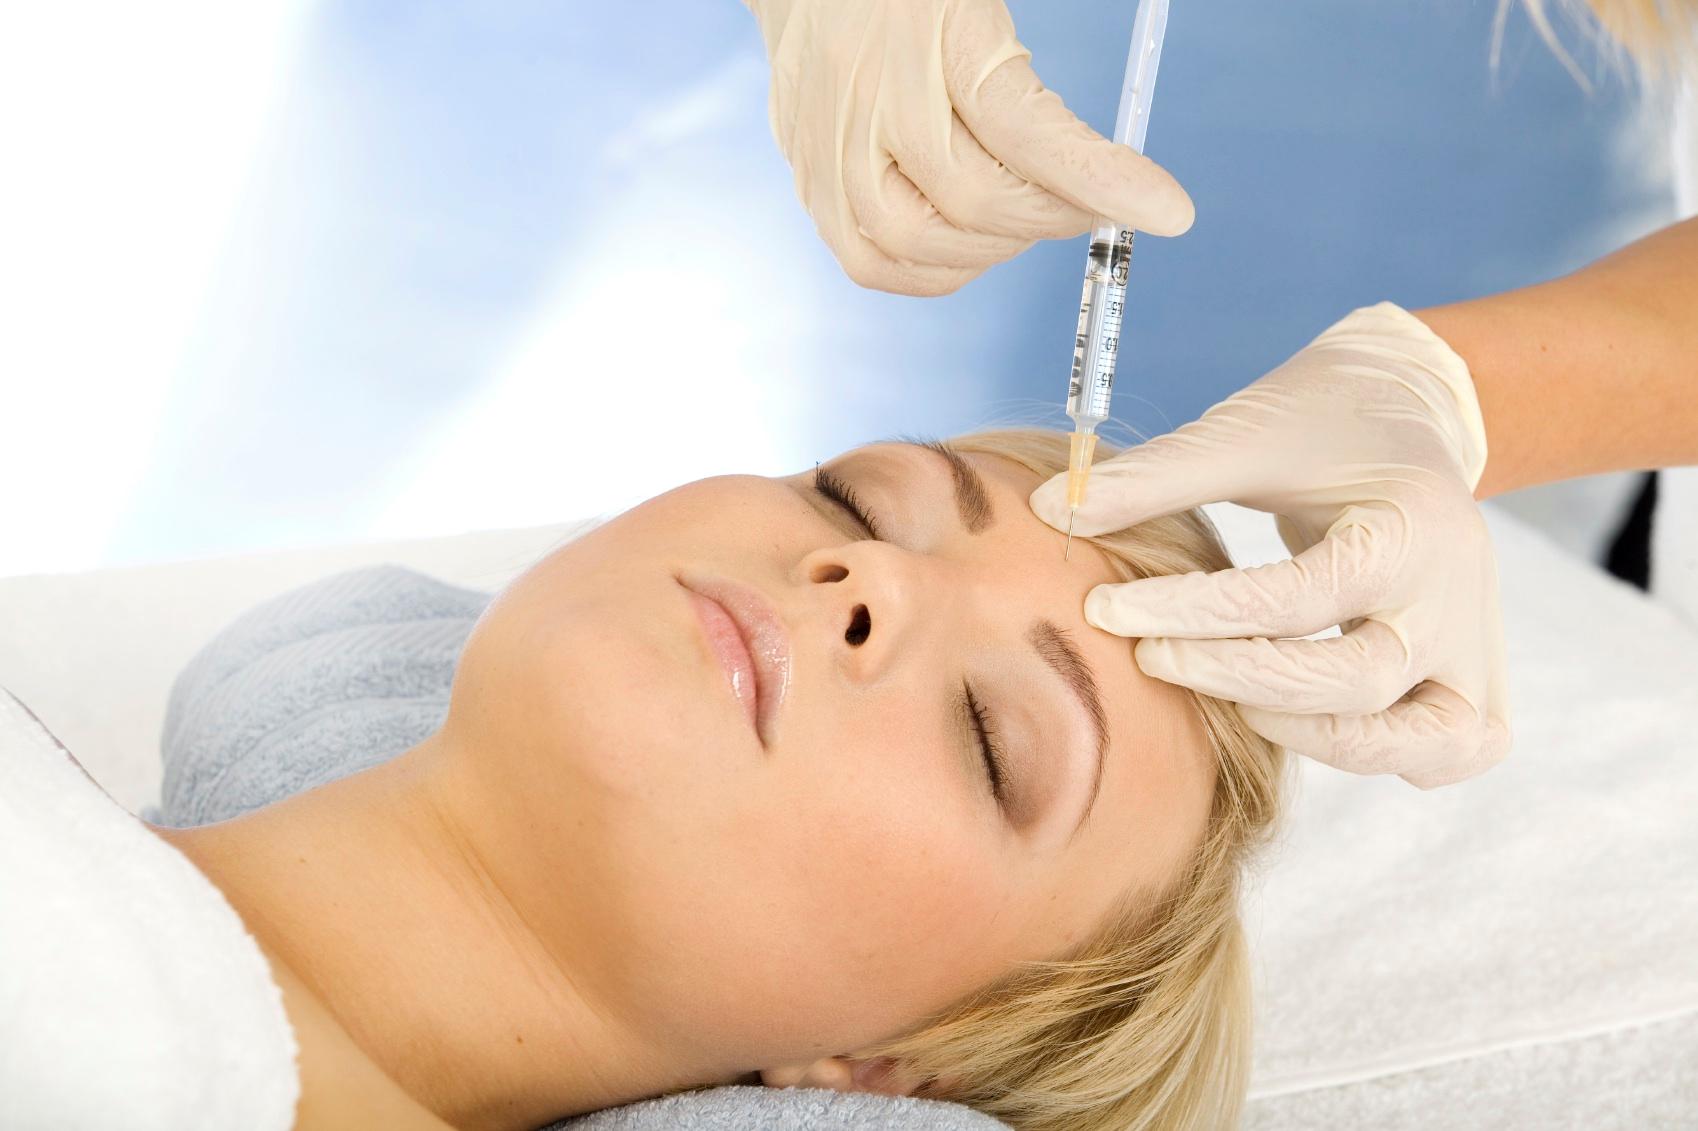 Новейшая методика омоложения — плазмолифтинг до и после, особенности процедуры и альтернатива prp-терапии